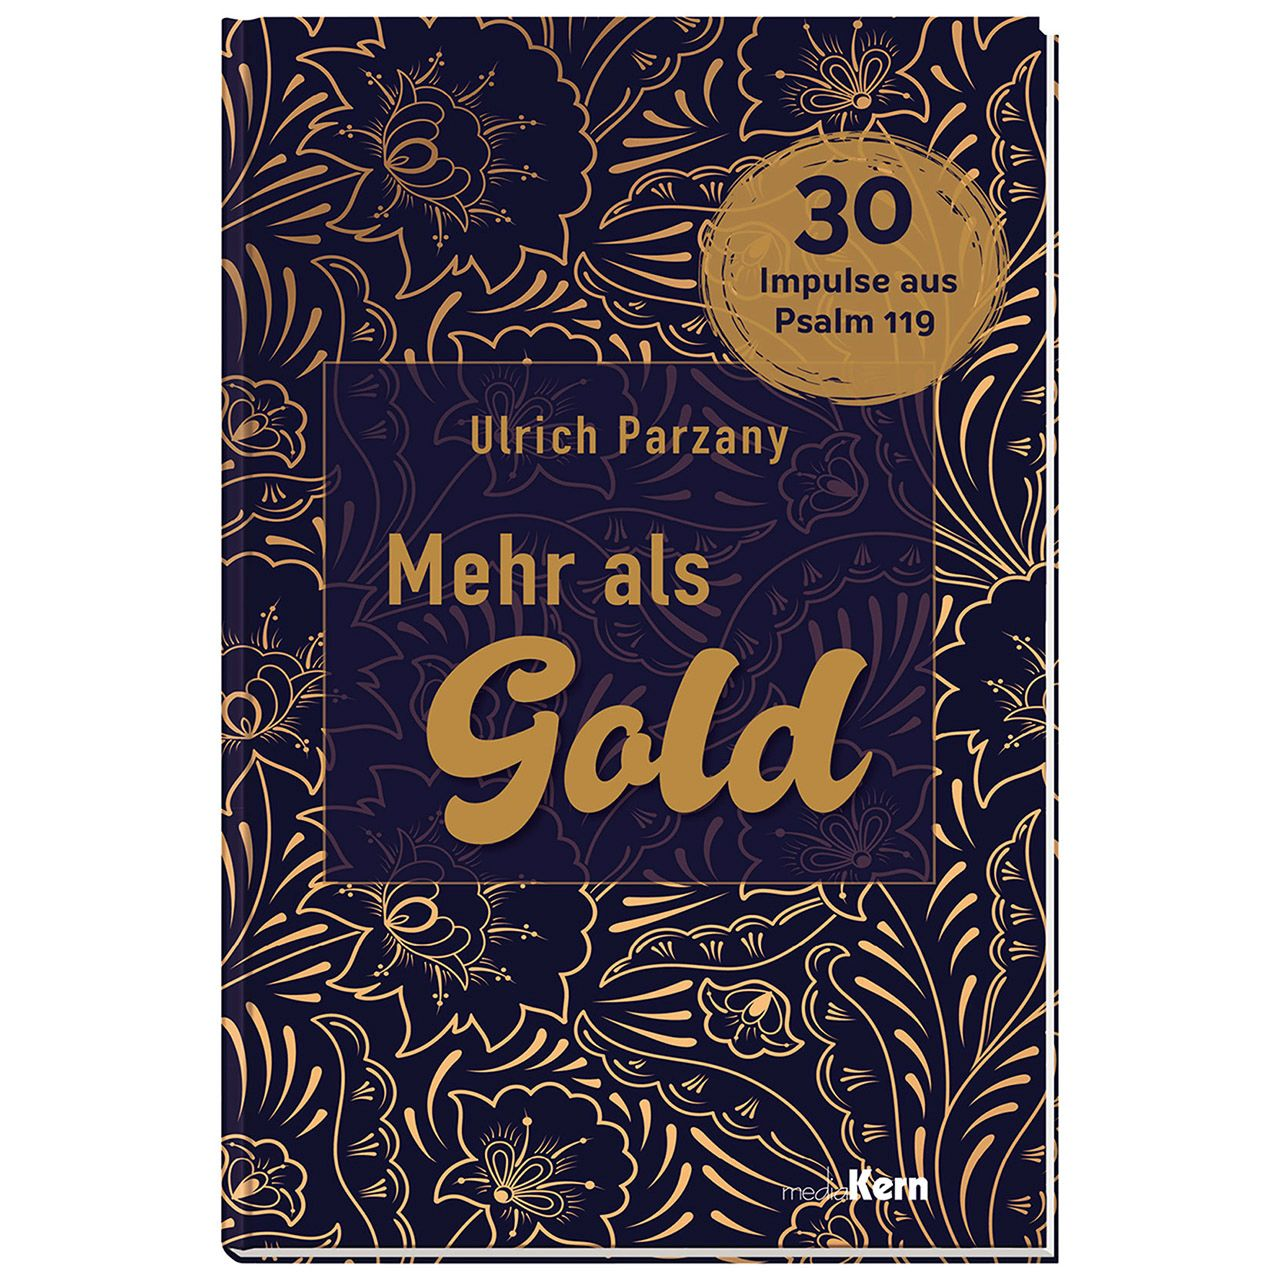 Mehr als Gold